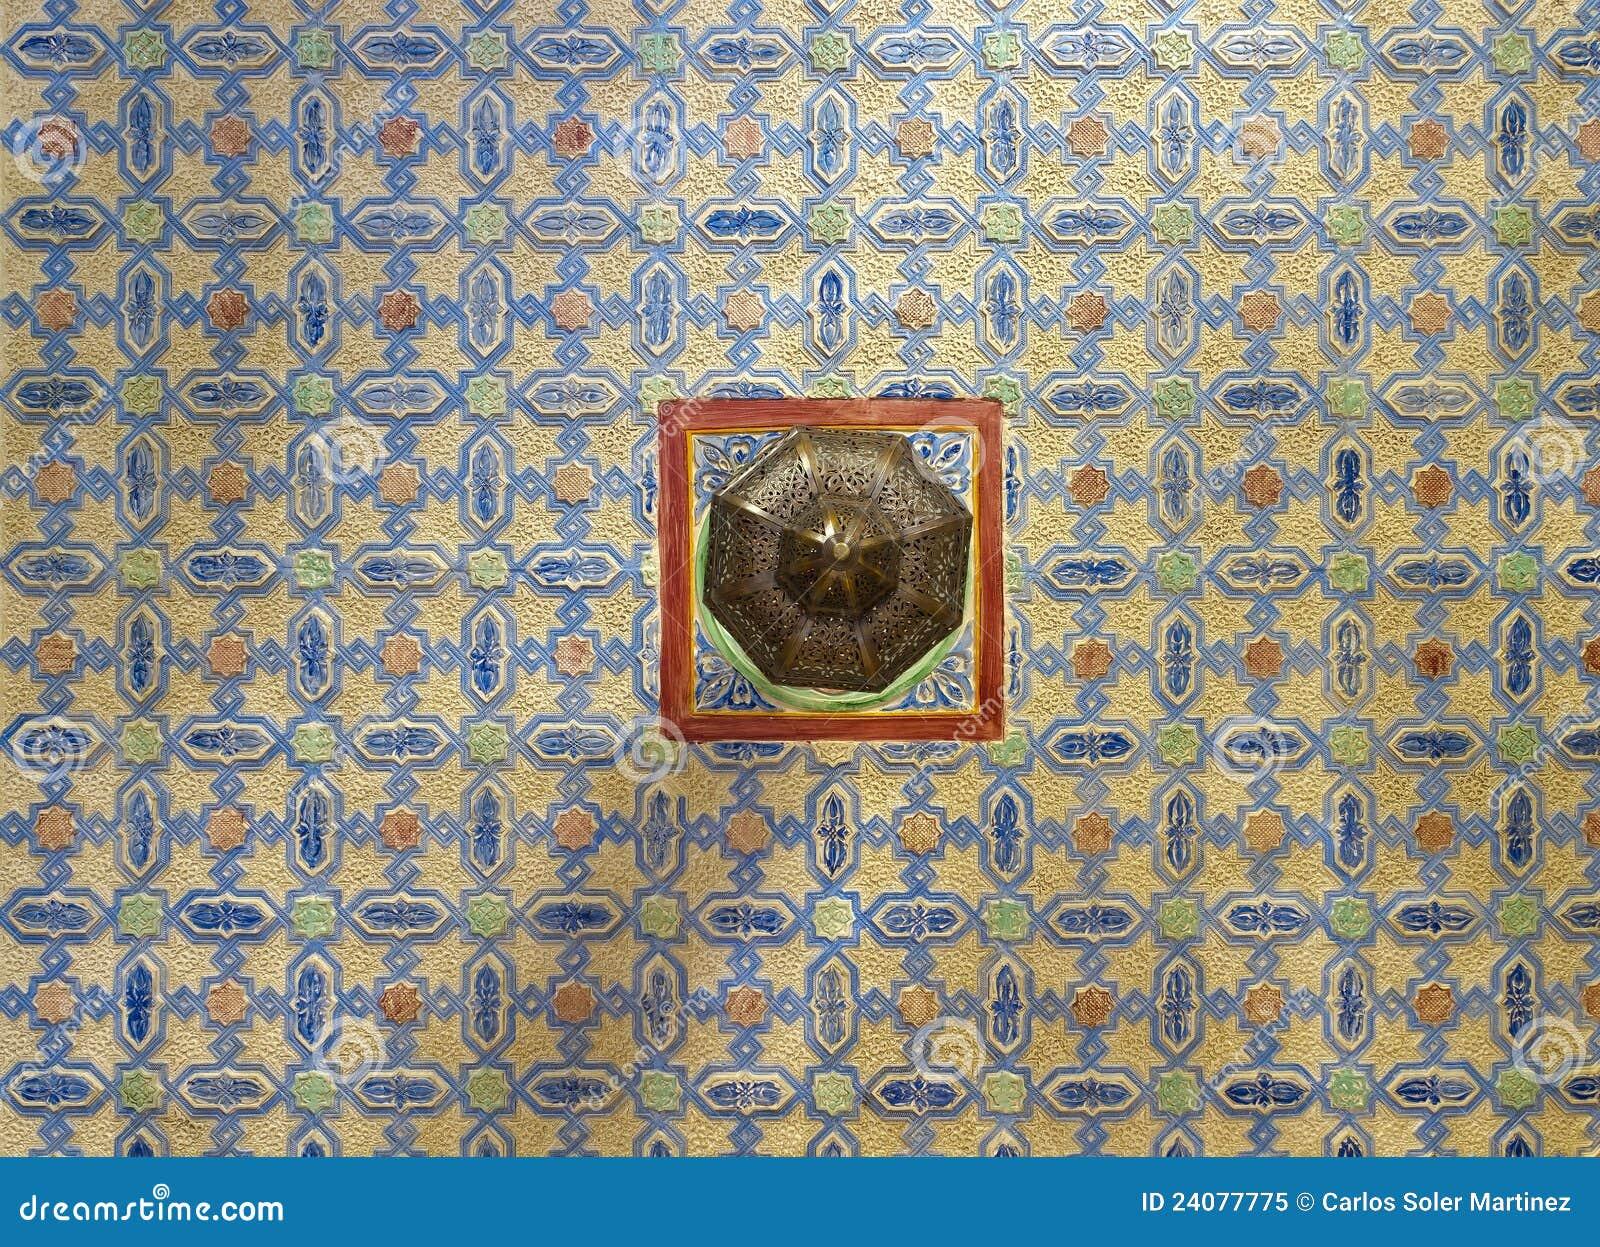 Decoratie van een plafond arabische stijl stock afbeelding afbeelding 24077775 - Decoratie van een terras ...